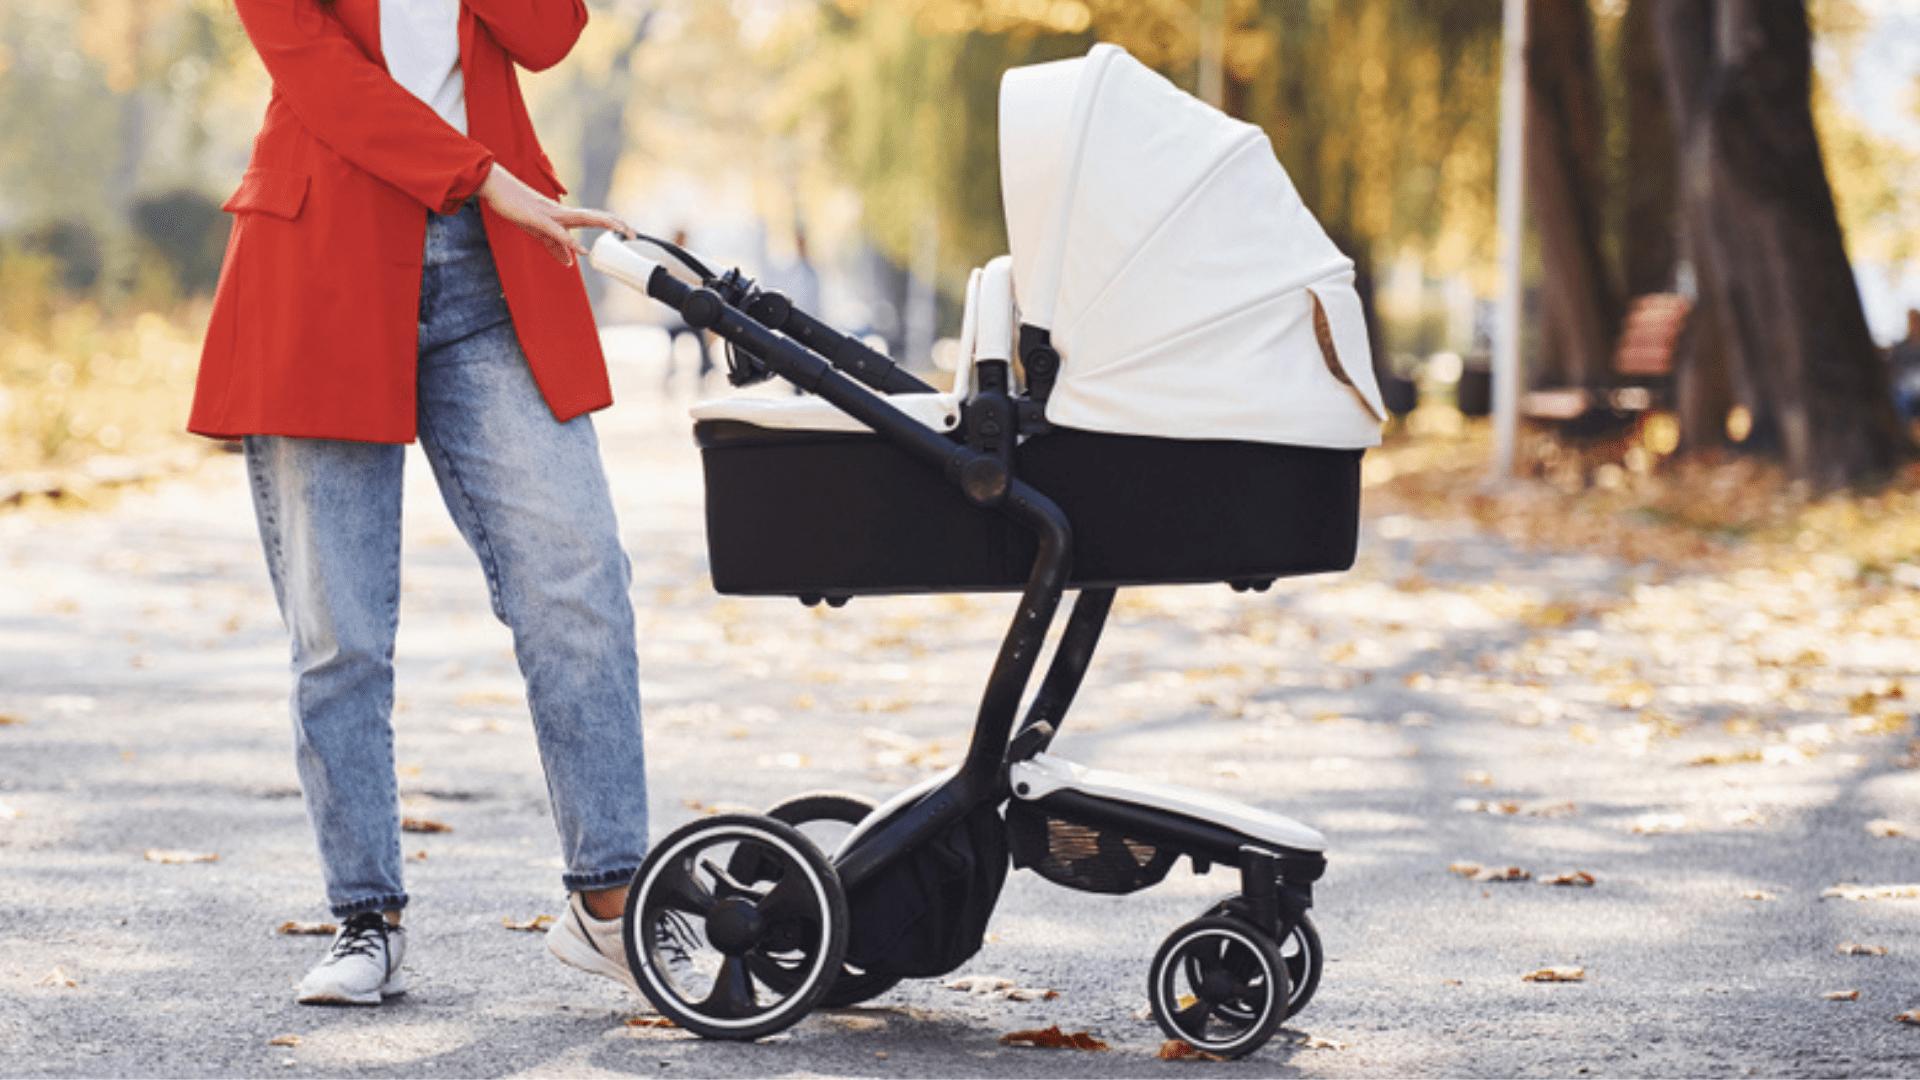 Veja a nossa seleção dos melhores carrinhos de bebê Kiddo de 2021! (Imagem: Reprodução/Shutterstock)